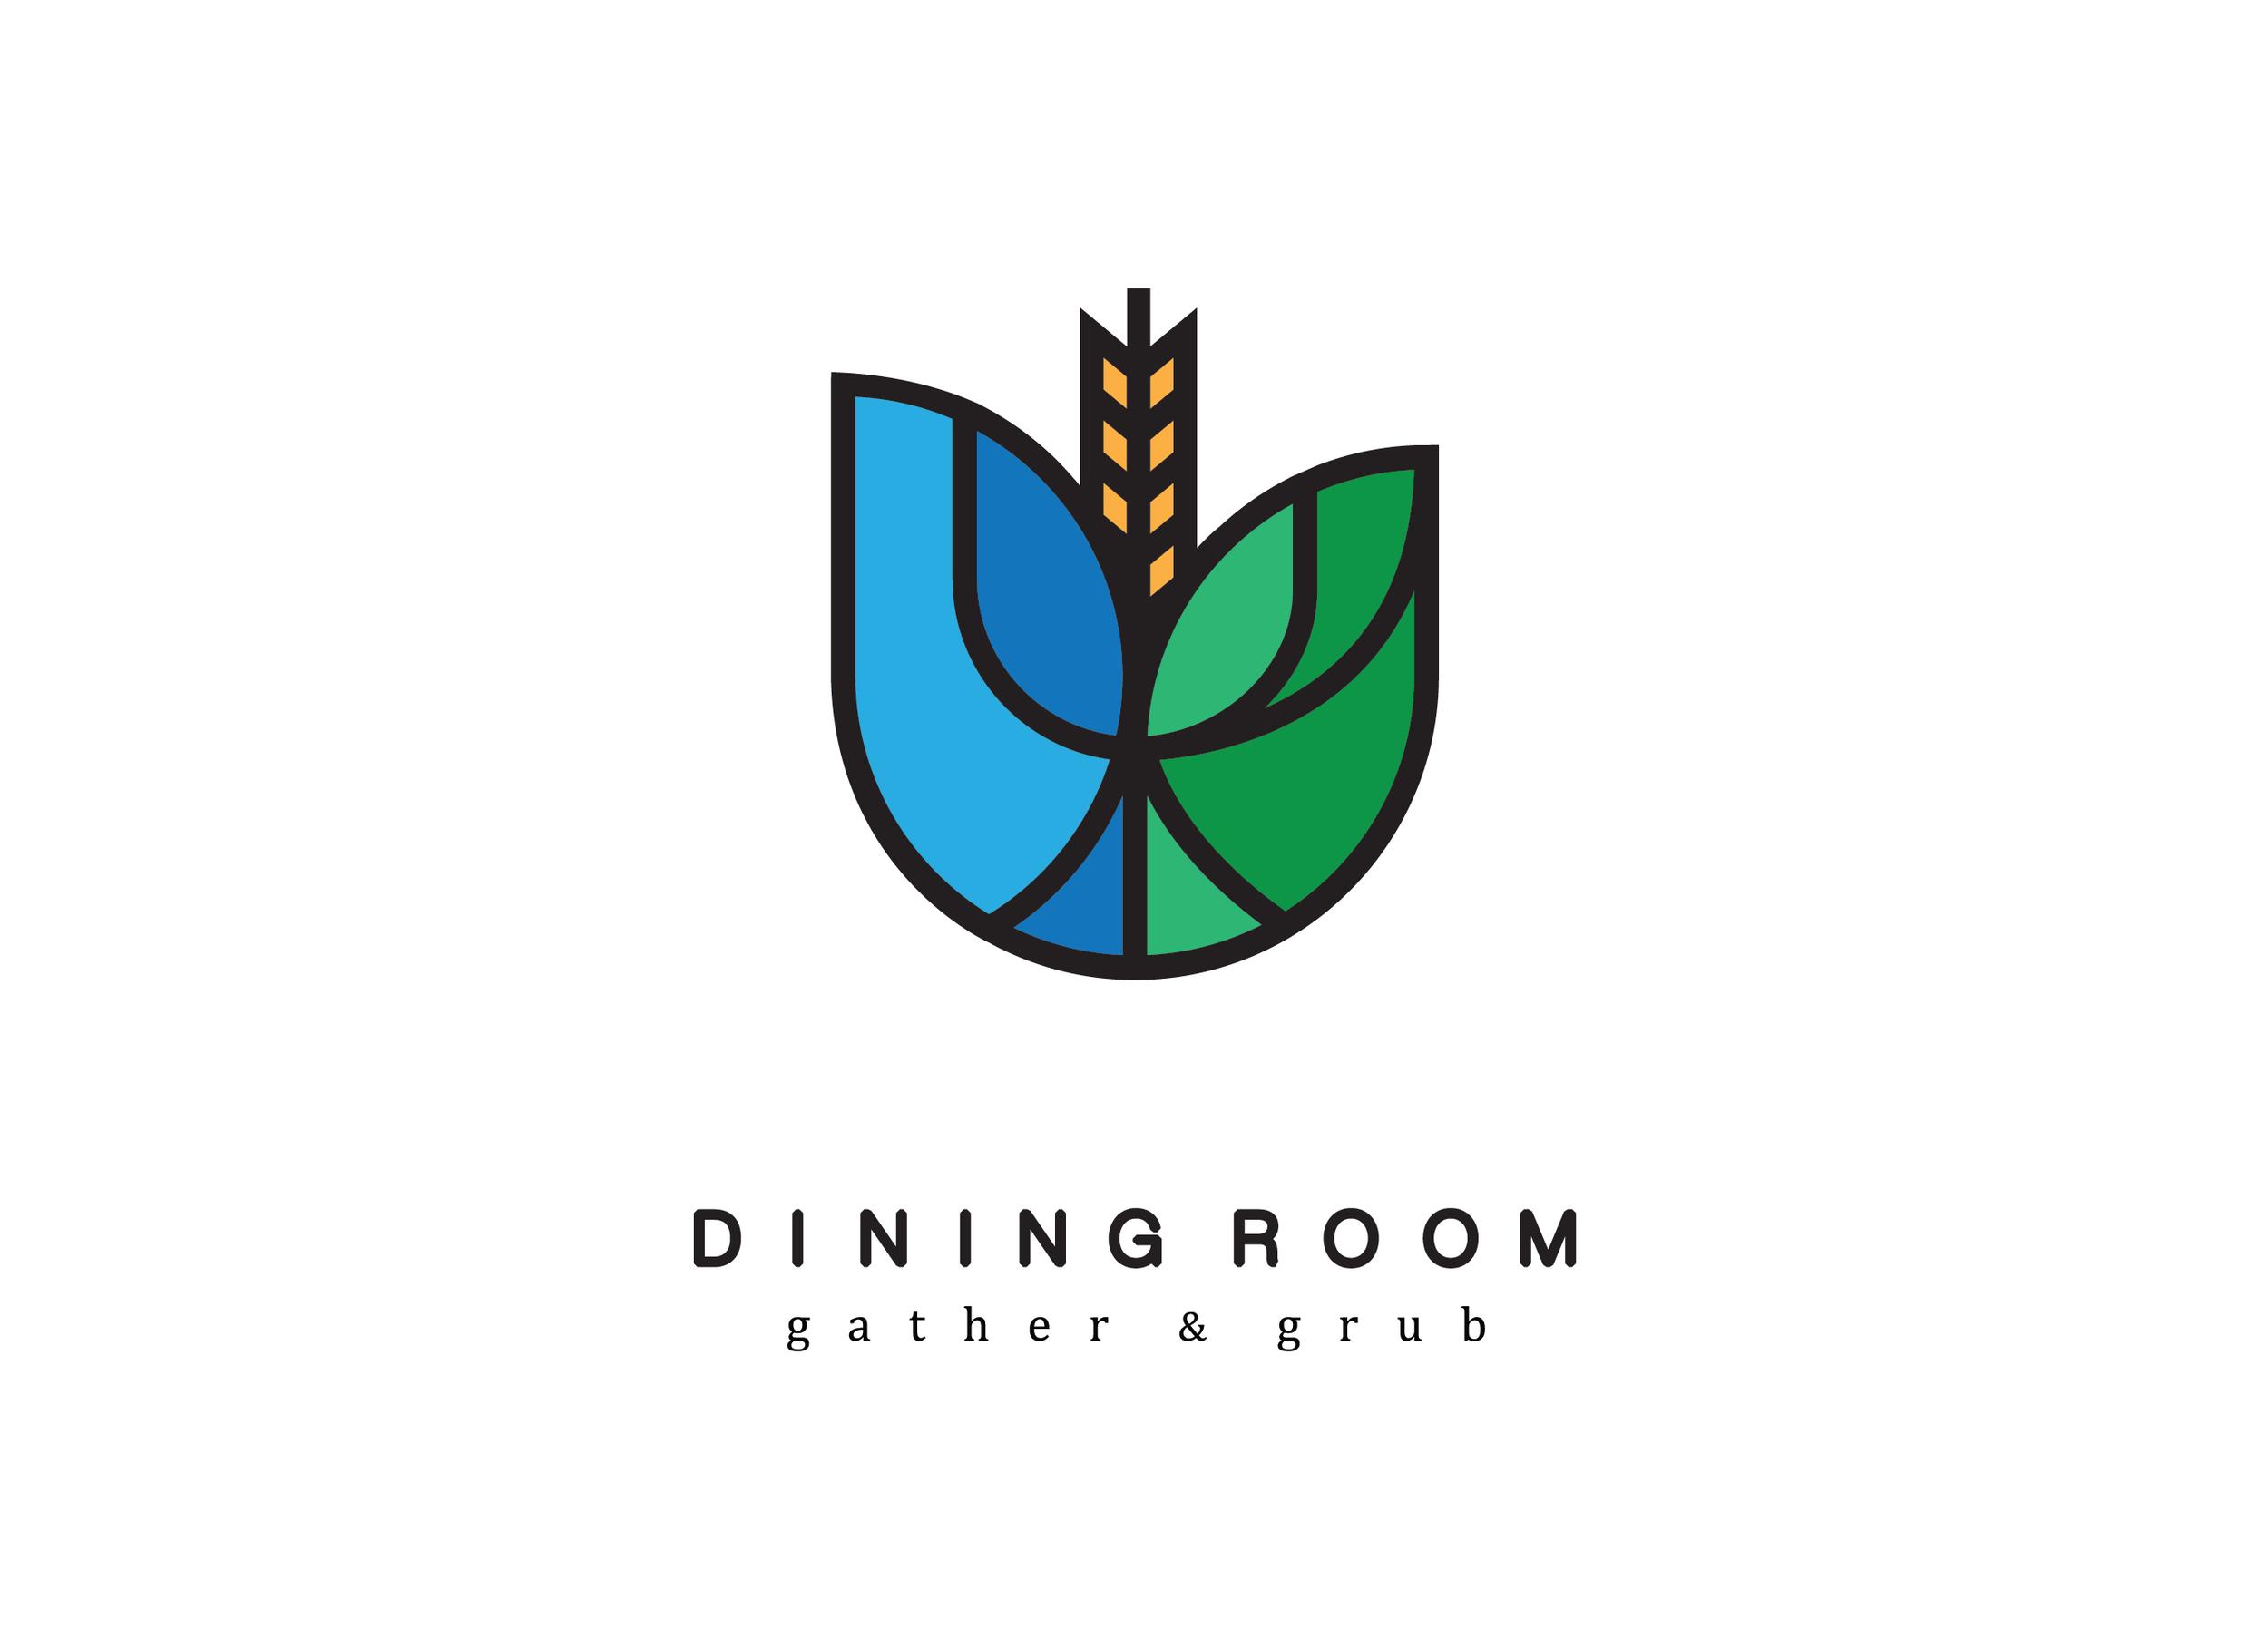 191004-DiningRoom-v1.png